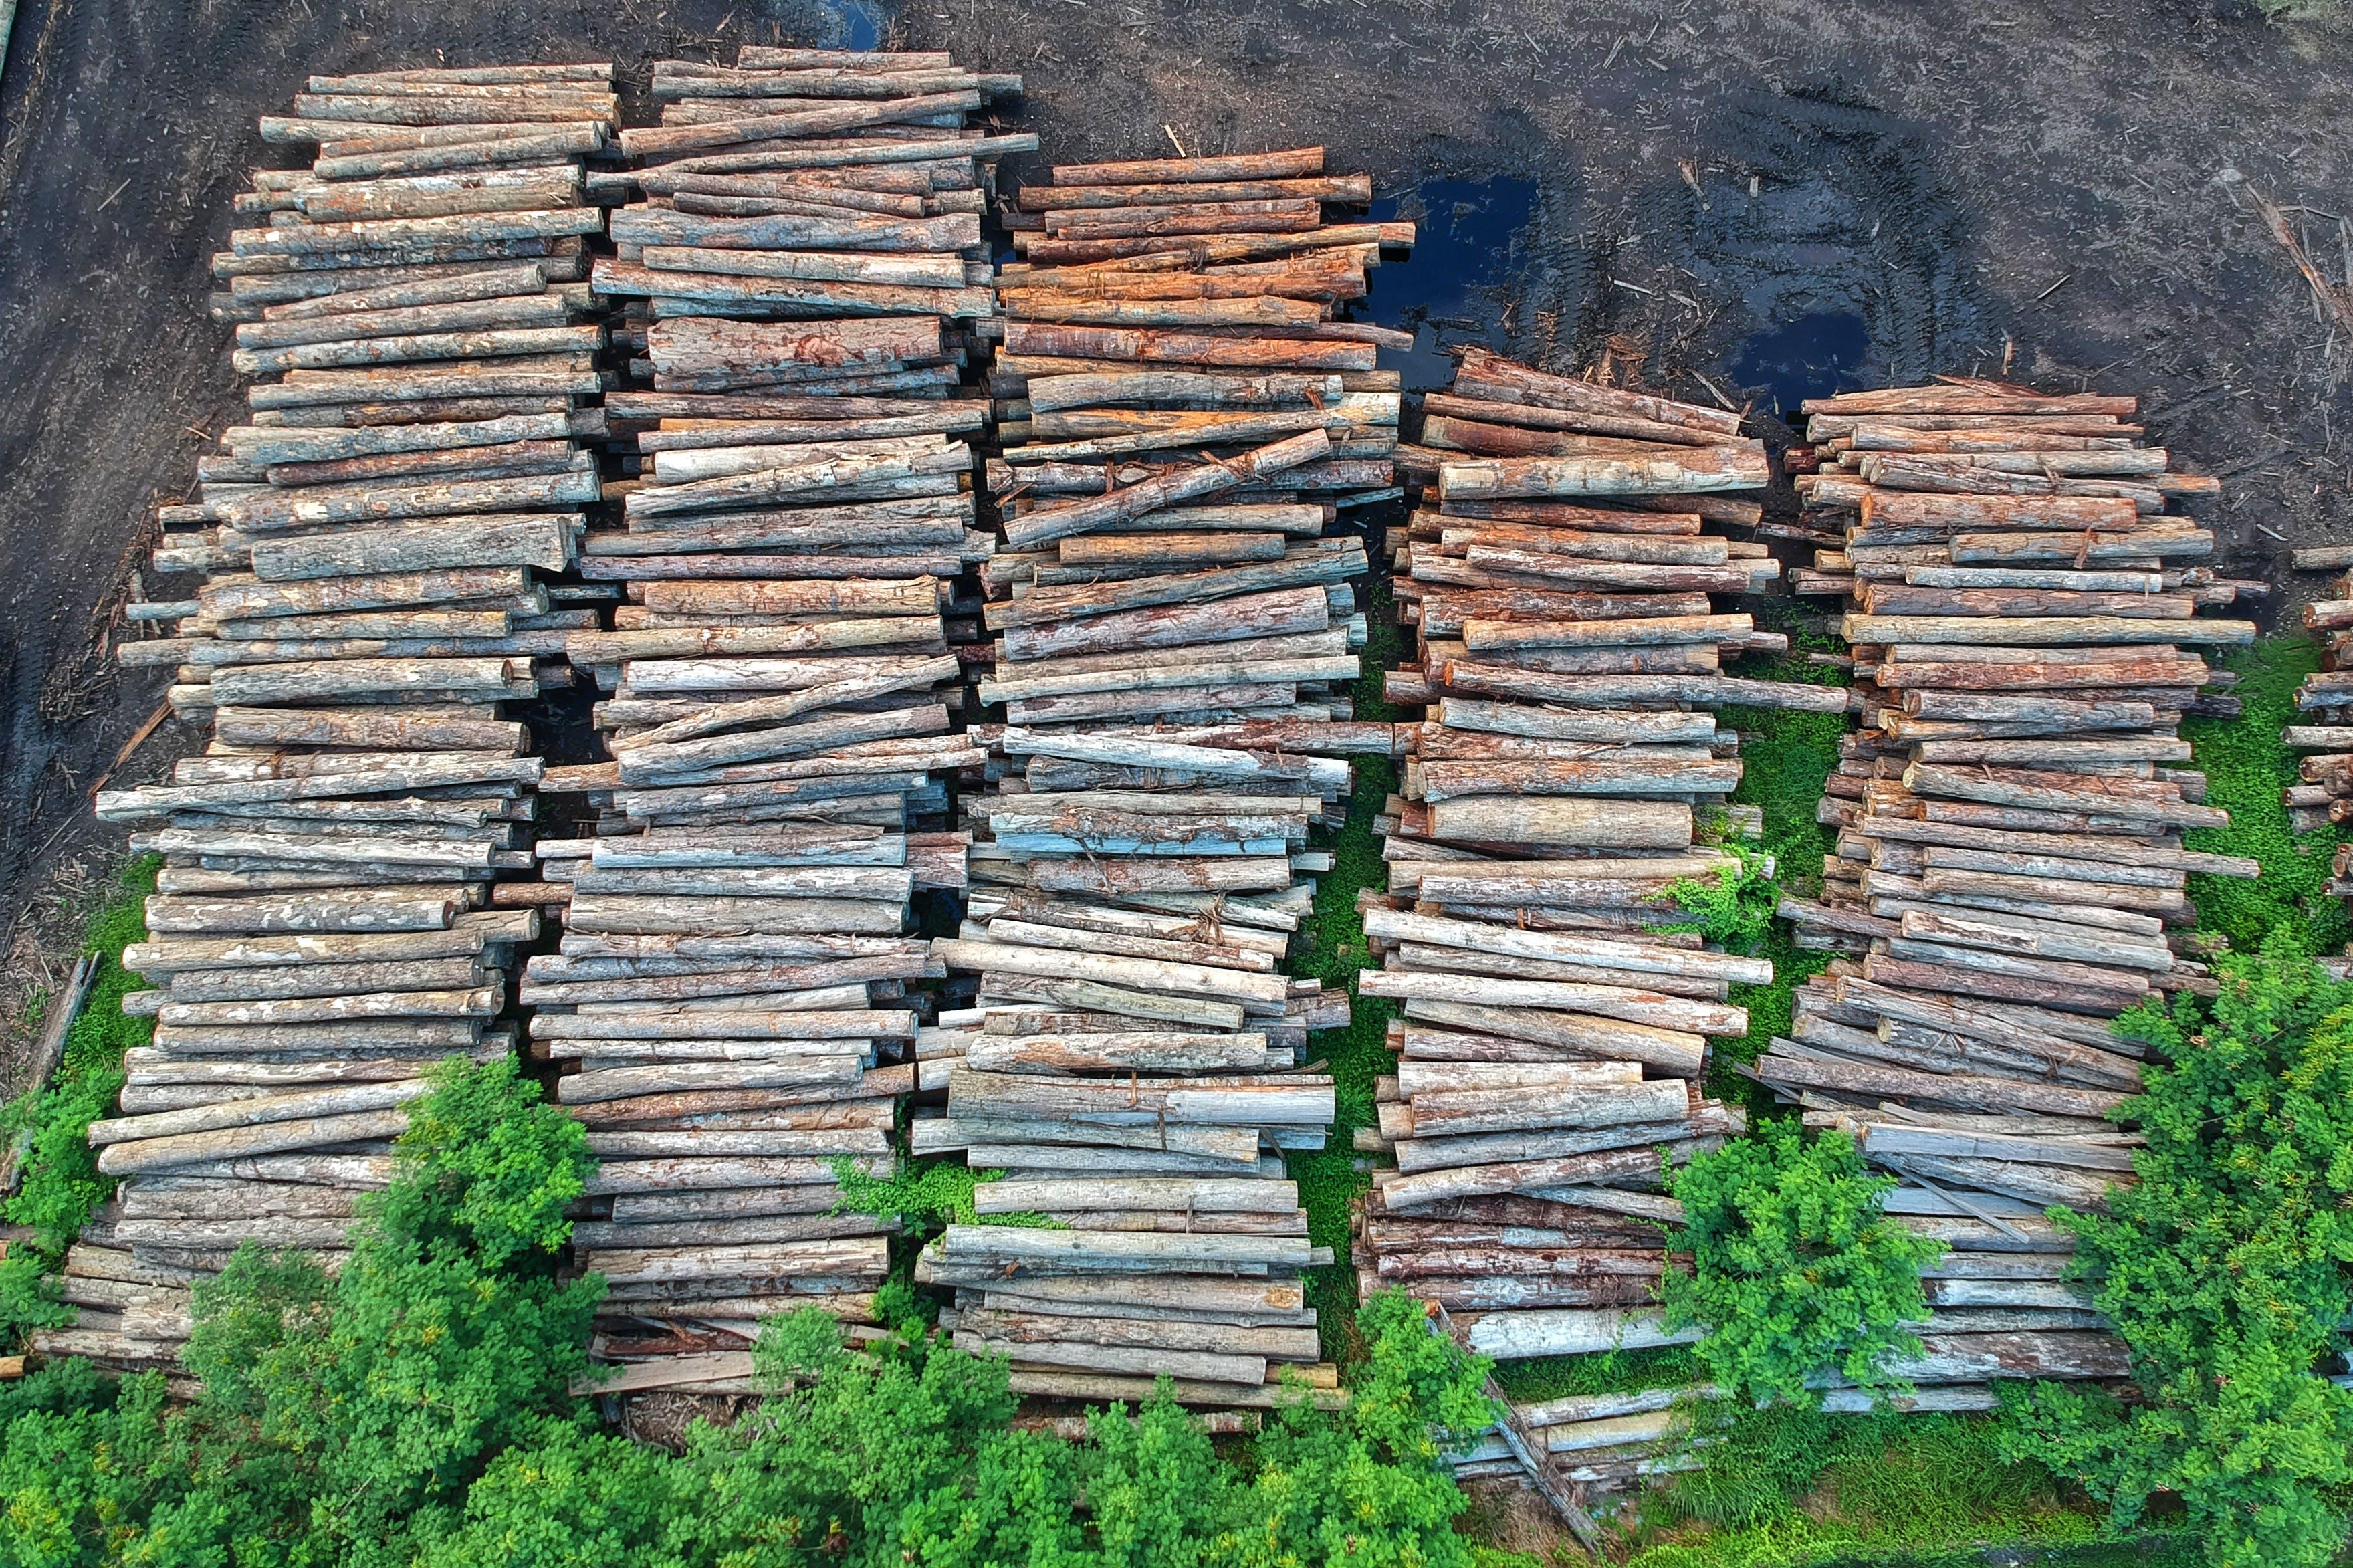 ağaç gövdeleri, ağaçlar, istif, kereste içeren Ücretsiz stok fotoğraf